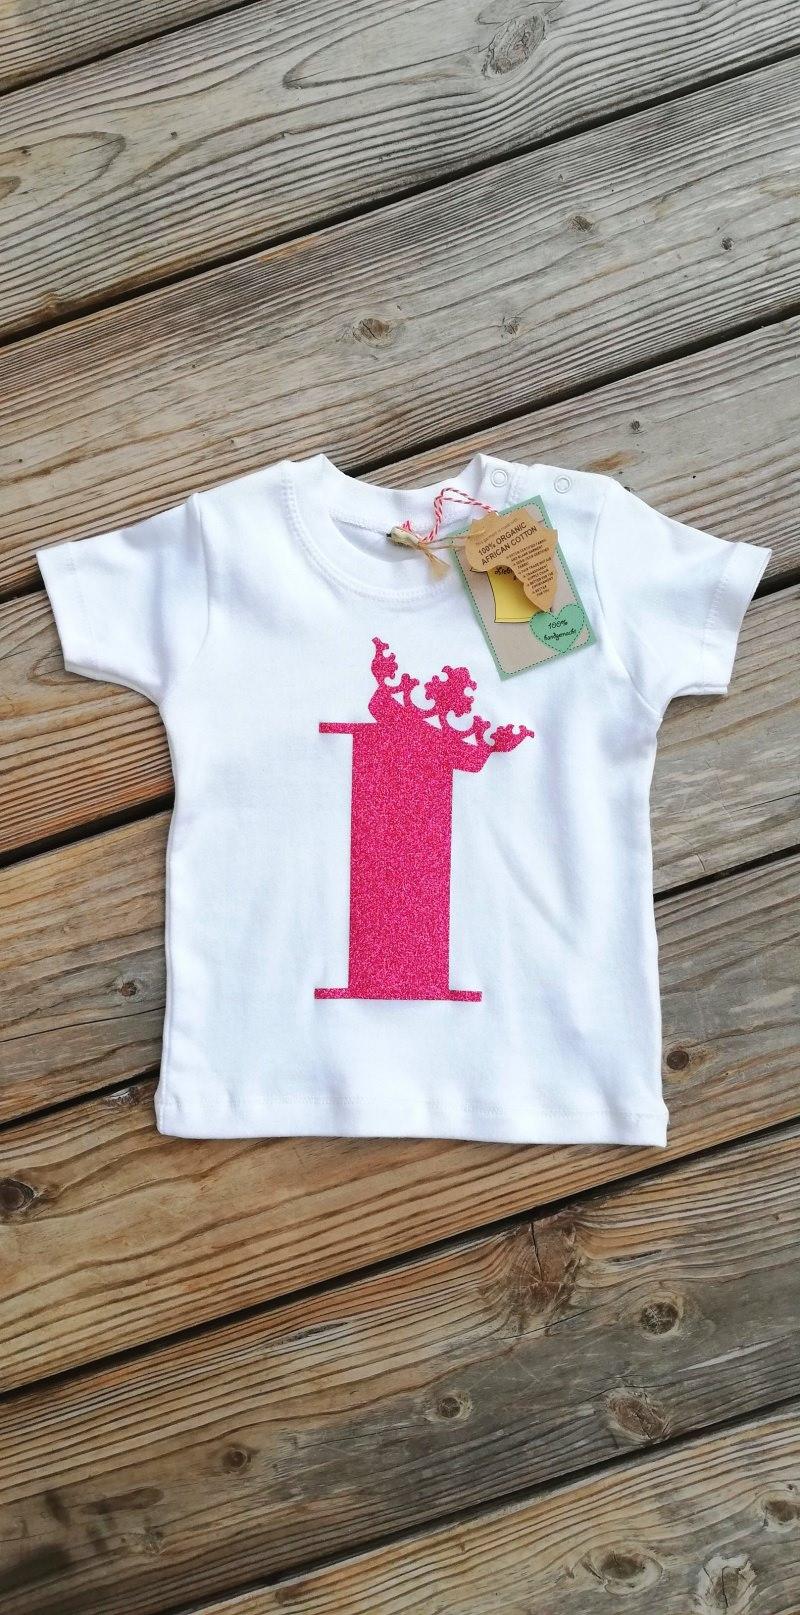 Kleinesbild - Geburtstagsshirt 4♡Shirt vierter Geburtstag♡Geburtstagsshirt Mädchen mit Zahl und Krönchen☆Größe und Farbe individualisierbar☆1 bis 5 Jahre☆Bio☆Shirt mit Zahl♡Name möglich